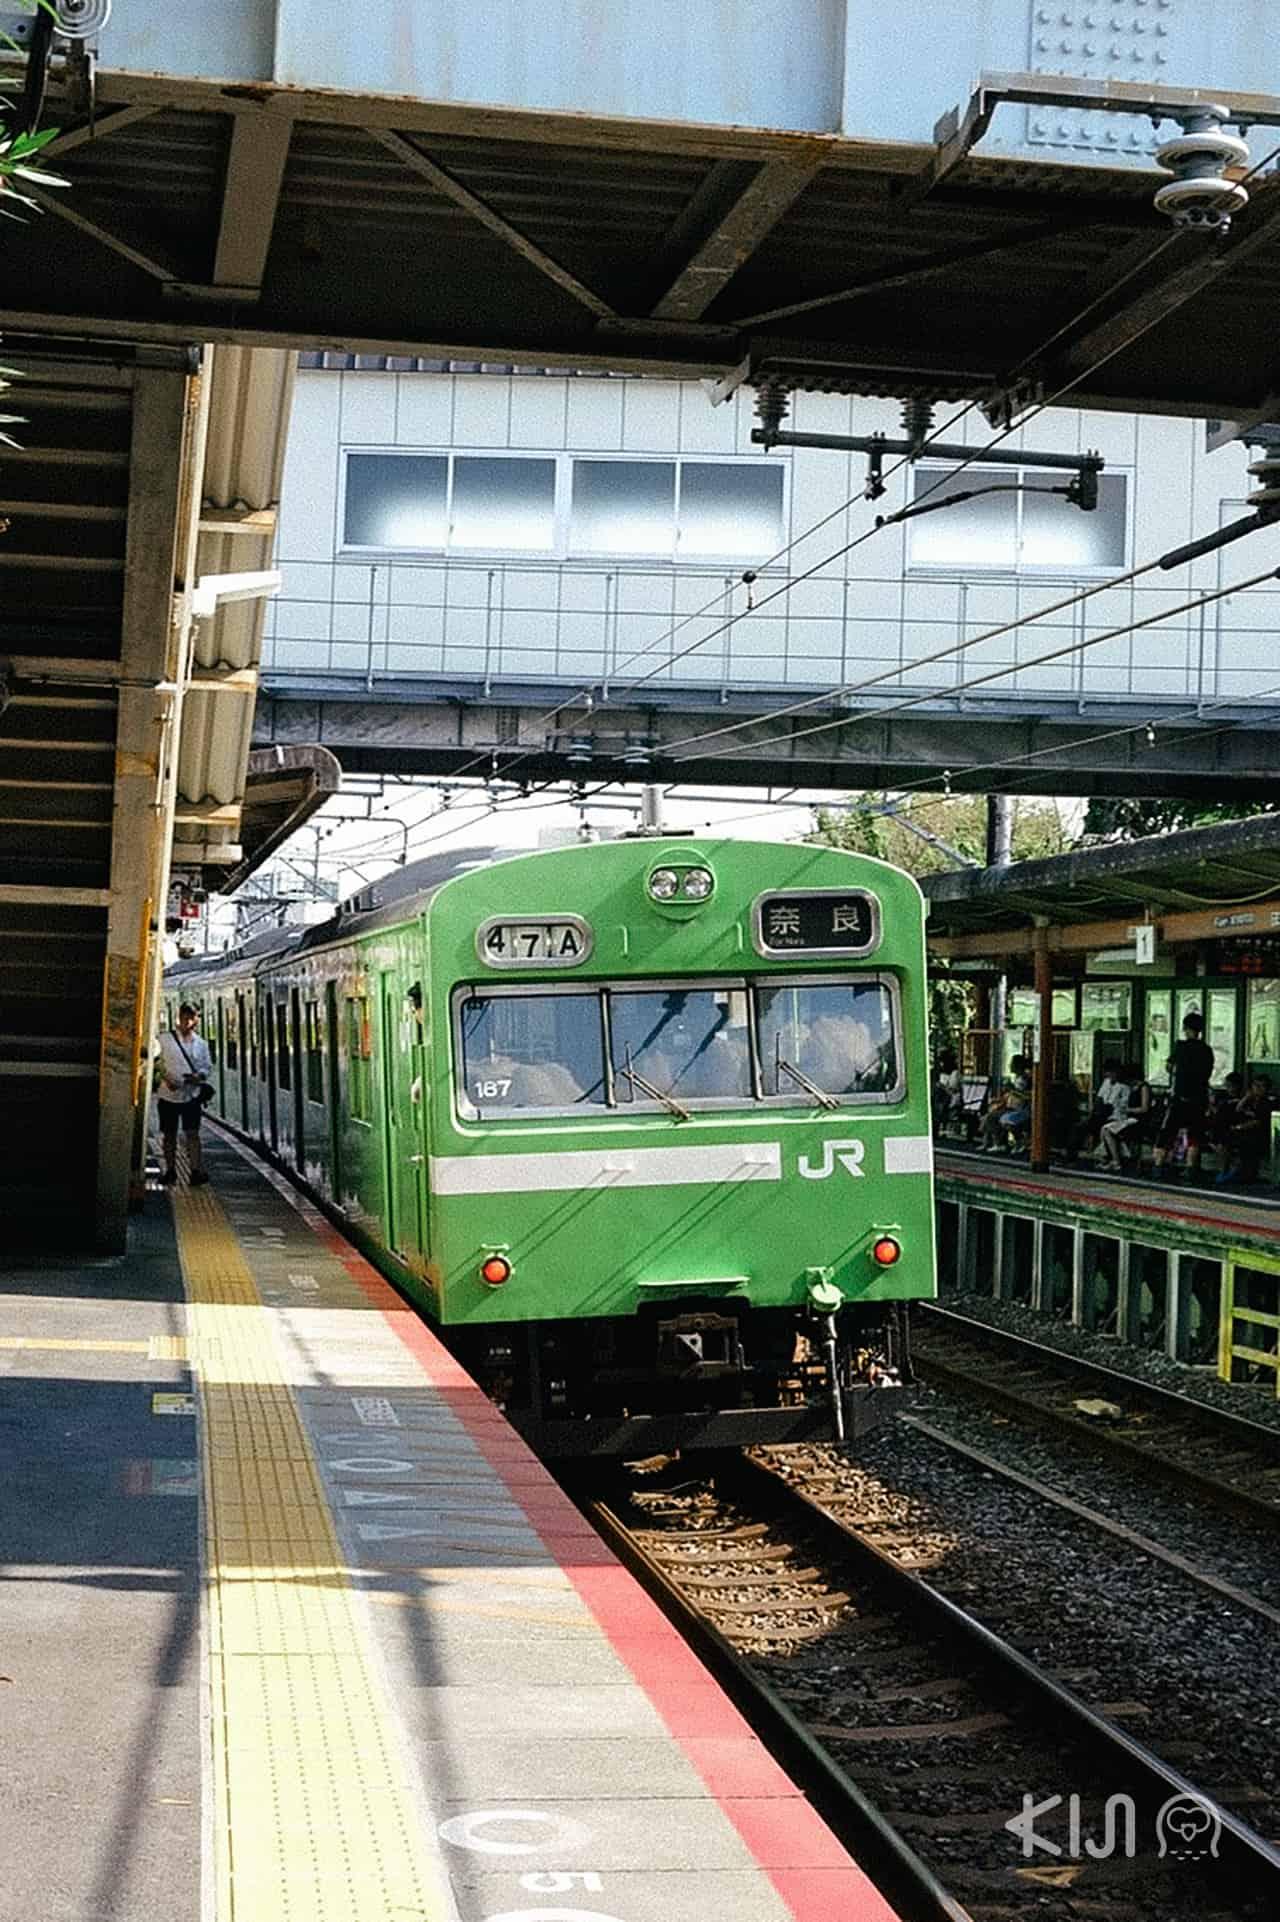 รถไฟ JR สาย Nara Line จากสถานีเกียวโตไปลงที่สถานี Inari